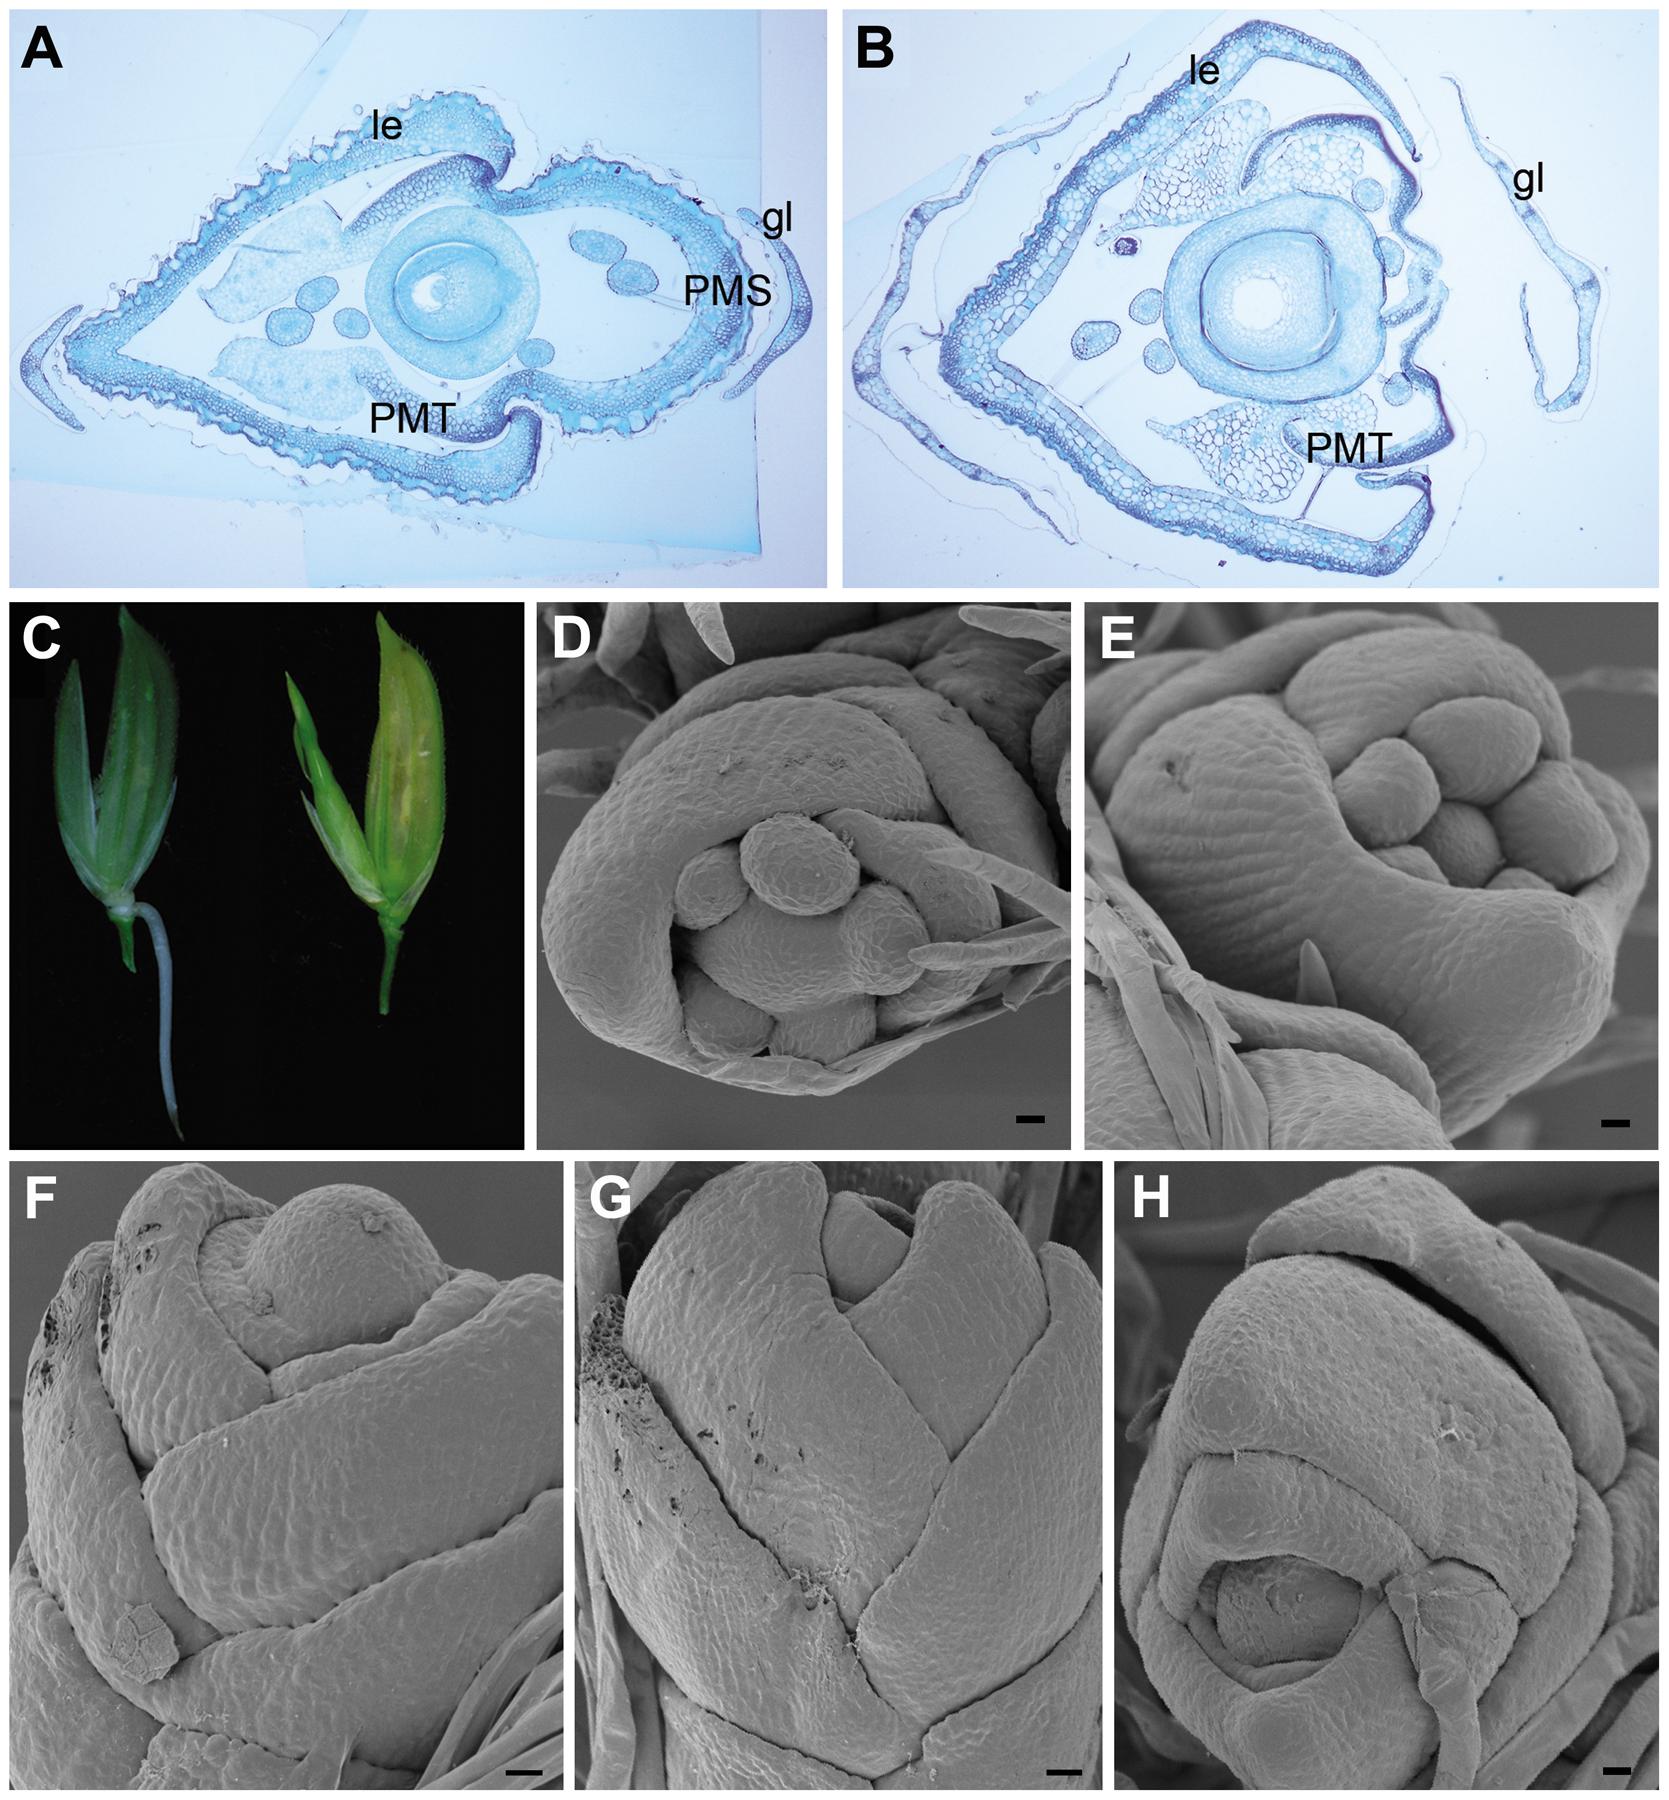 Spikelet morphologies of WT, <i>dep</i>, <i>afo</i>, and <i>pho</i> plants.